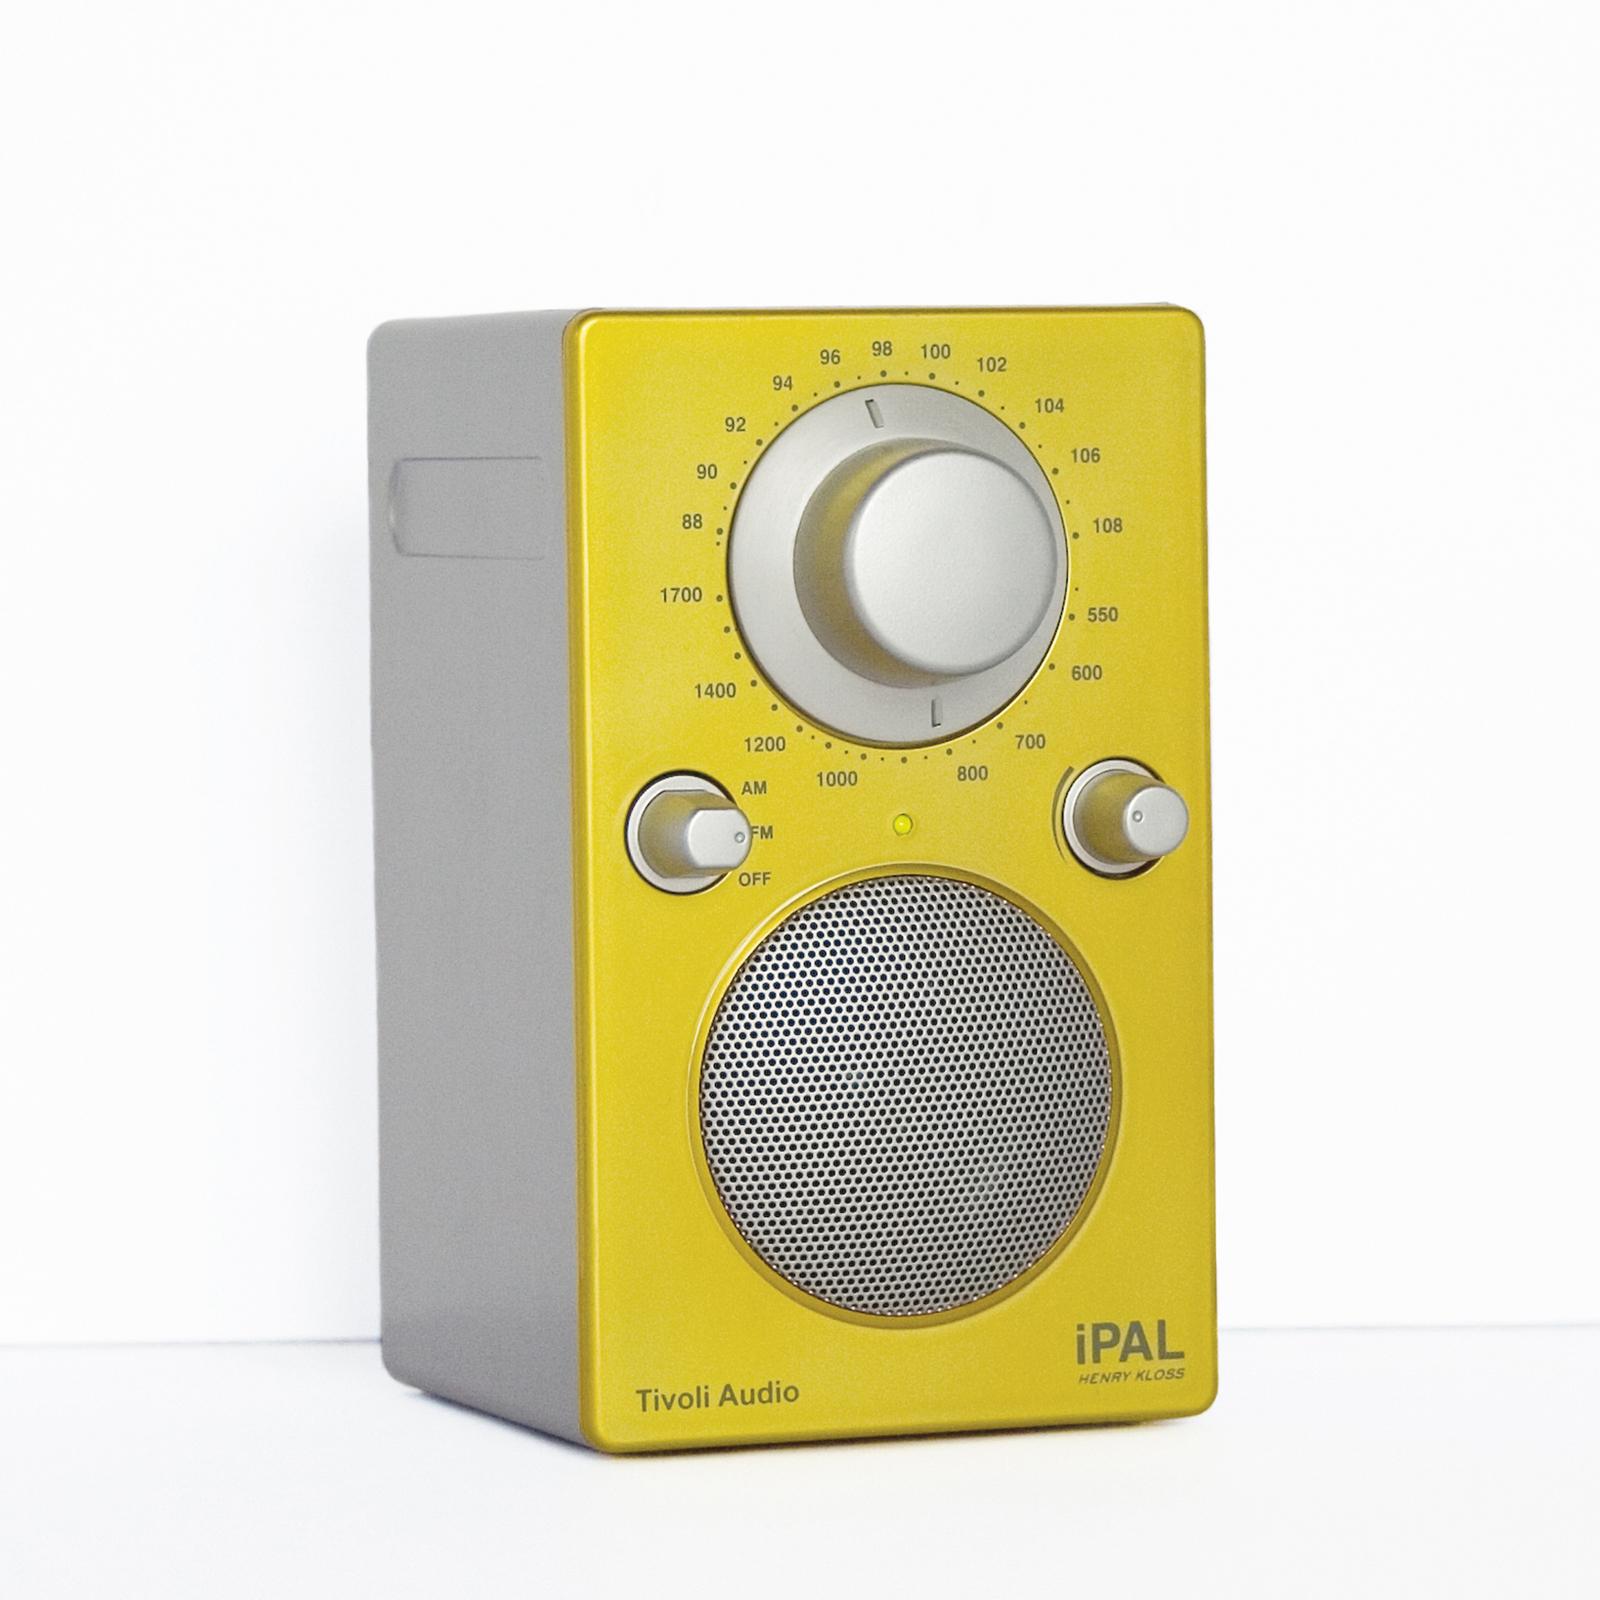 Tivoli iPAL yellow silver hi res